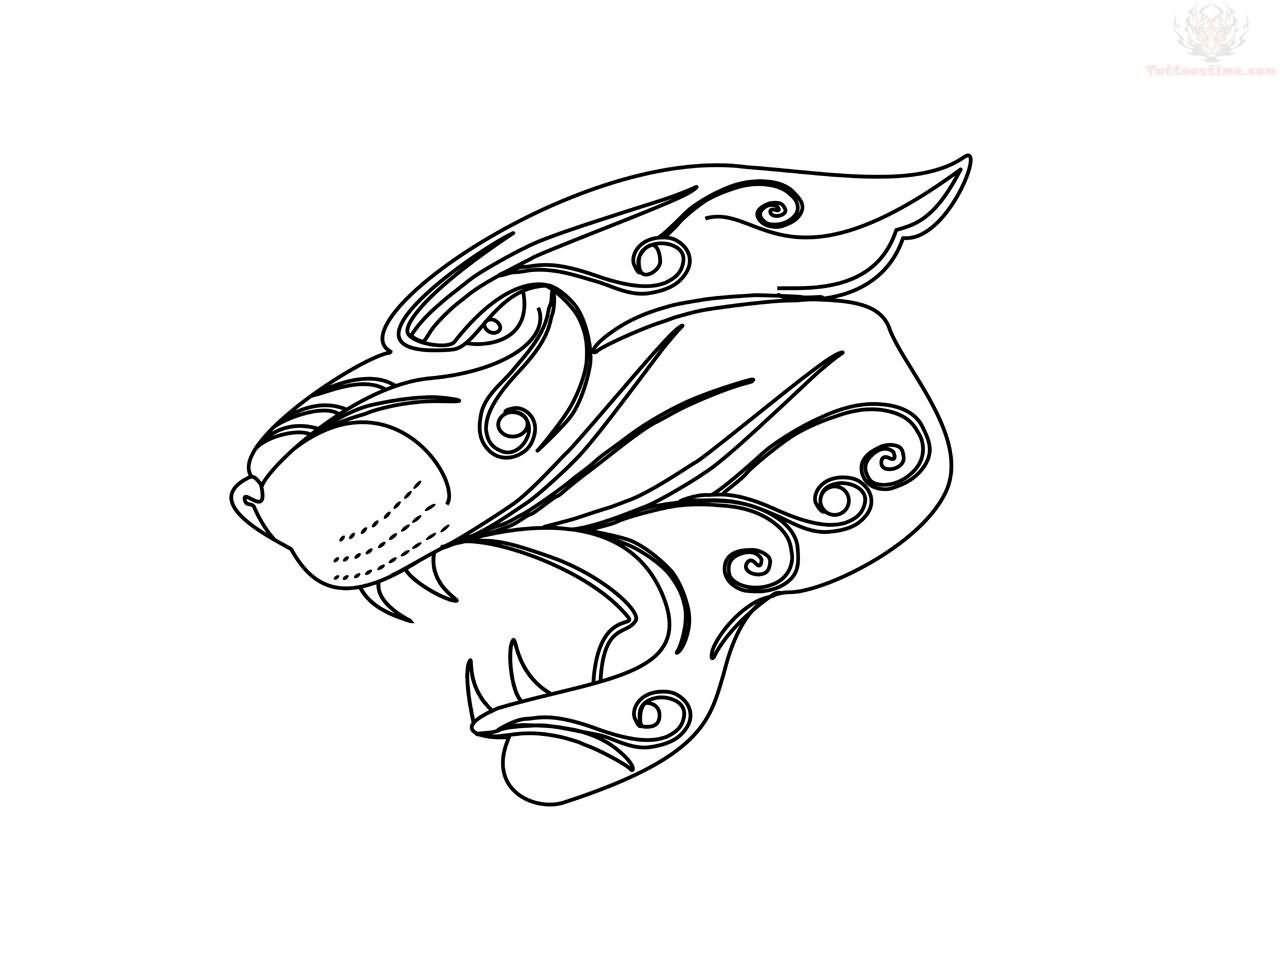 d8264269b9b60 Tribal Jaguar Head Tattoo Design | tattoos | Jaguar tattoo, Tattoo ...